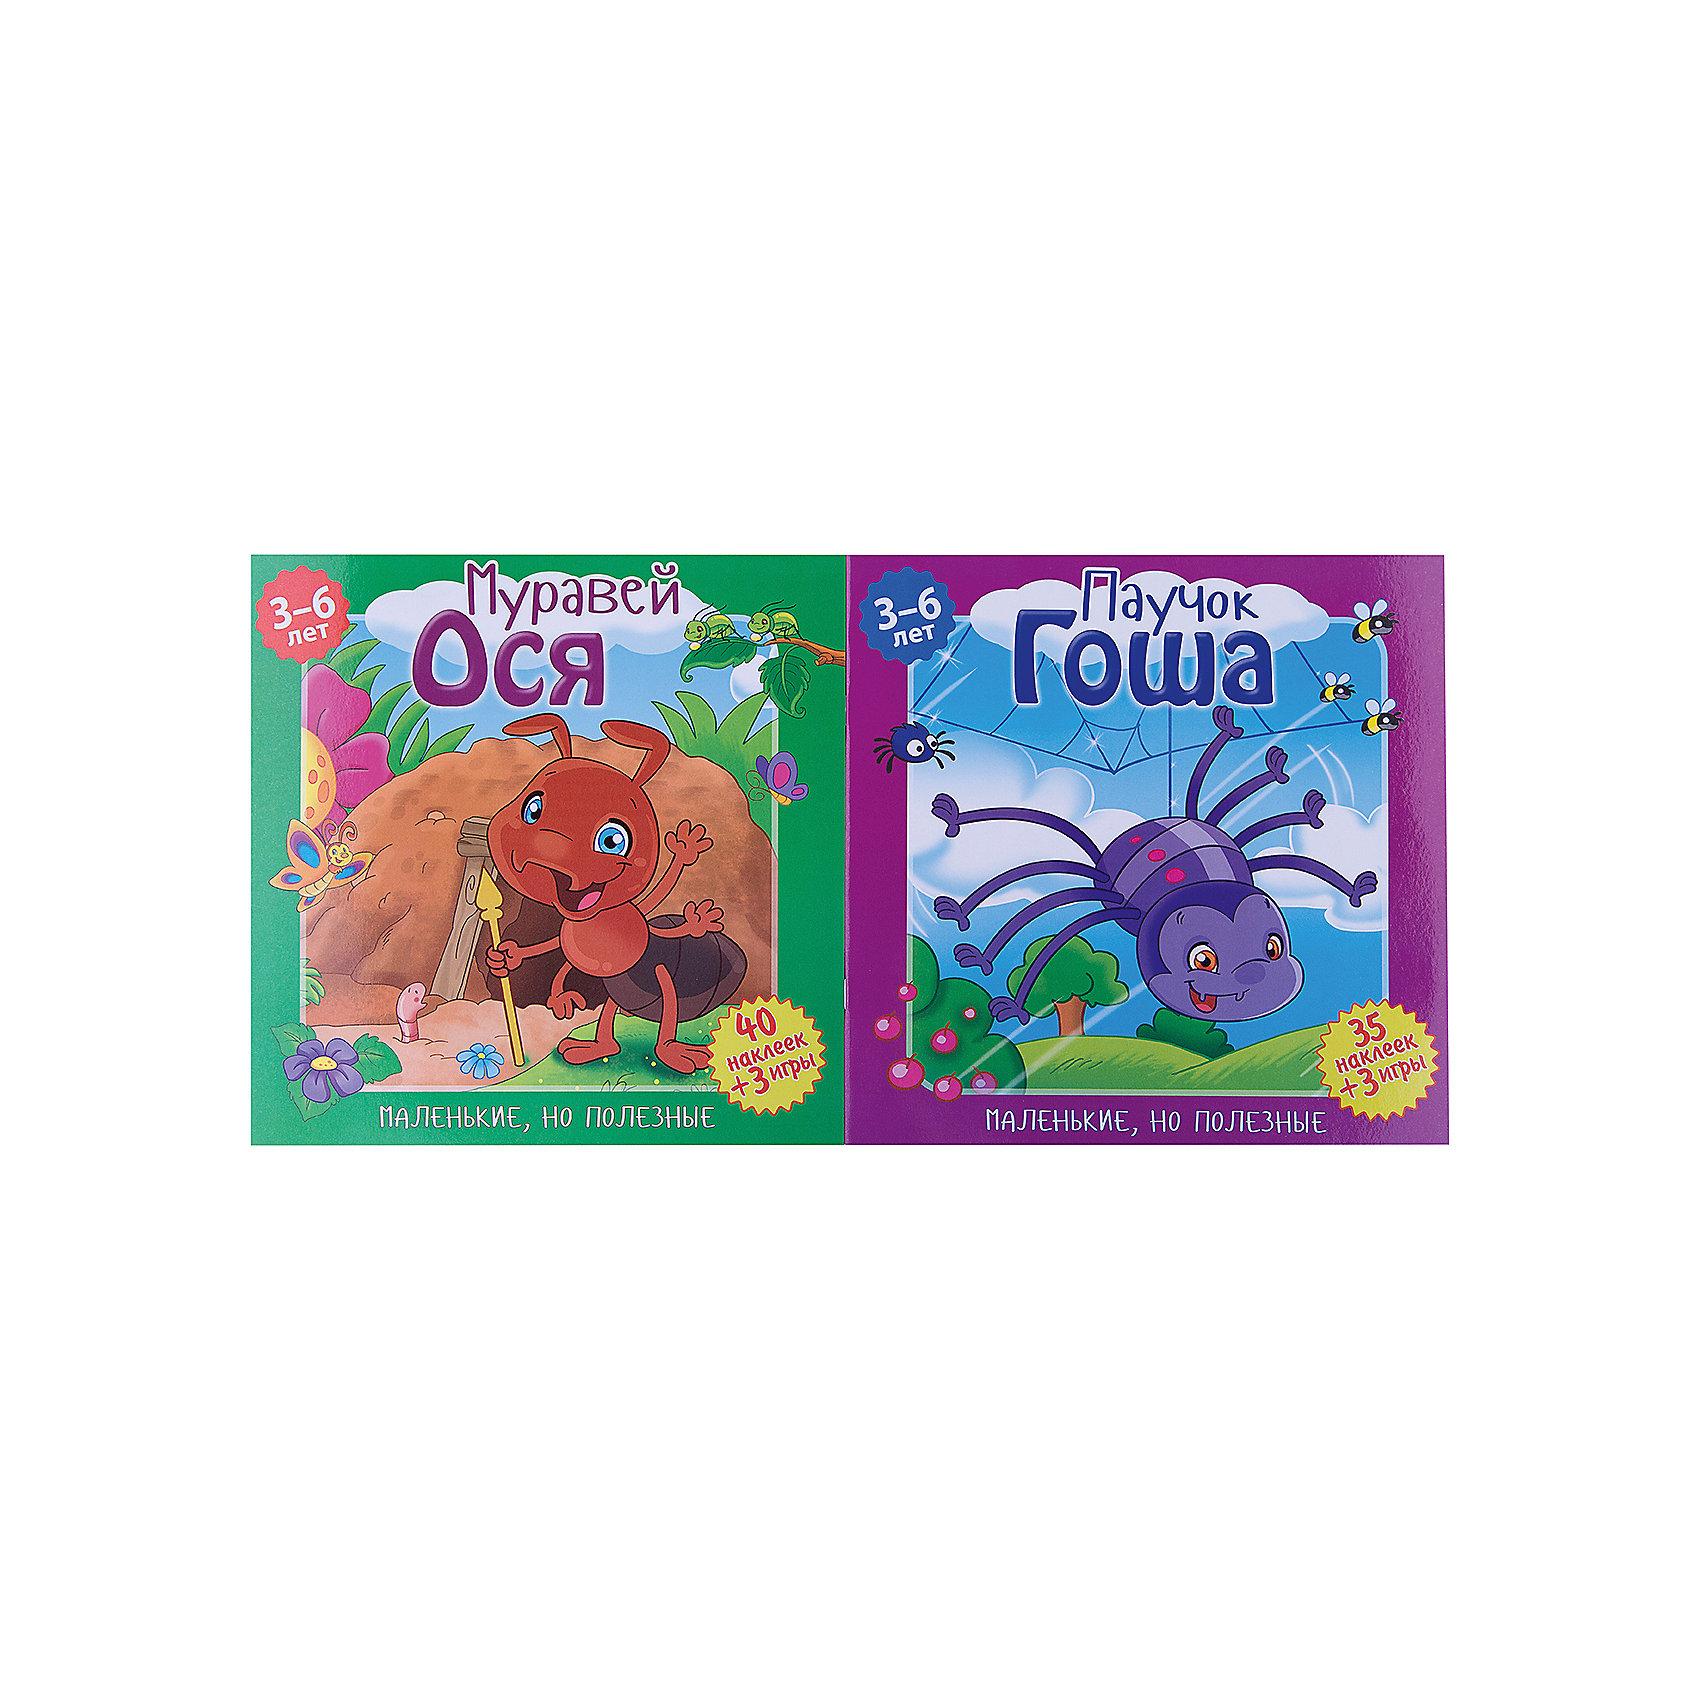 Комплект книг  Маленькие, но полезныеКнижки с наклейками<br>Характеристики:<br><br>• возраст: от 3 лет<br>• в комплекте: 2 книги (Паучок Гоша, Муравей Ося)<br>• в каждой книге: 40 наклеек, 3 игры<br>• издательство: НД Плэй<br>• серия: Маленькие, но полезные<br>• тип обложки: картон<br>• иллюстрации: цветные<br>• количество страниц в каждой книге: 24 (офсет)<br>• размер одной книги: 24х24х0,3 см.<br>• вес одной книги: 100 гр.<br>• ISBN: 4690241154806<br><br>Красочные книжки порадуют малышей весёлыми, добрыми картинками и поучительными историями о паучке по имени Гоша и муравье Оси.<br><br>В каждой книге: задания с наклейками на каждой страничке, игра на развитие внимания «Найди 10 отличий», игра на развитие воображения и речи «Создай свою историю», раскраска «Портрет главного героя».<br><br>Комплект книг Маленькие, но полезные можно купить в нашем интернет-магазине.<br><br>Ширина мм: 240<br>Глубина мм: 6<br>Высота мм: 240<br>Вес г: 200<br>Возраст от месяцев: 36<br>Возраст до месяцев: 2147483647<br>Пол: Унисекс<br>Возраст: Детский<br>SKU: 6910537